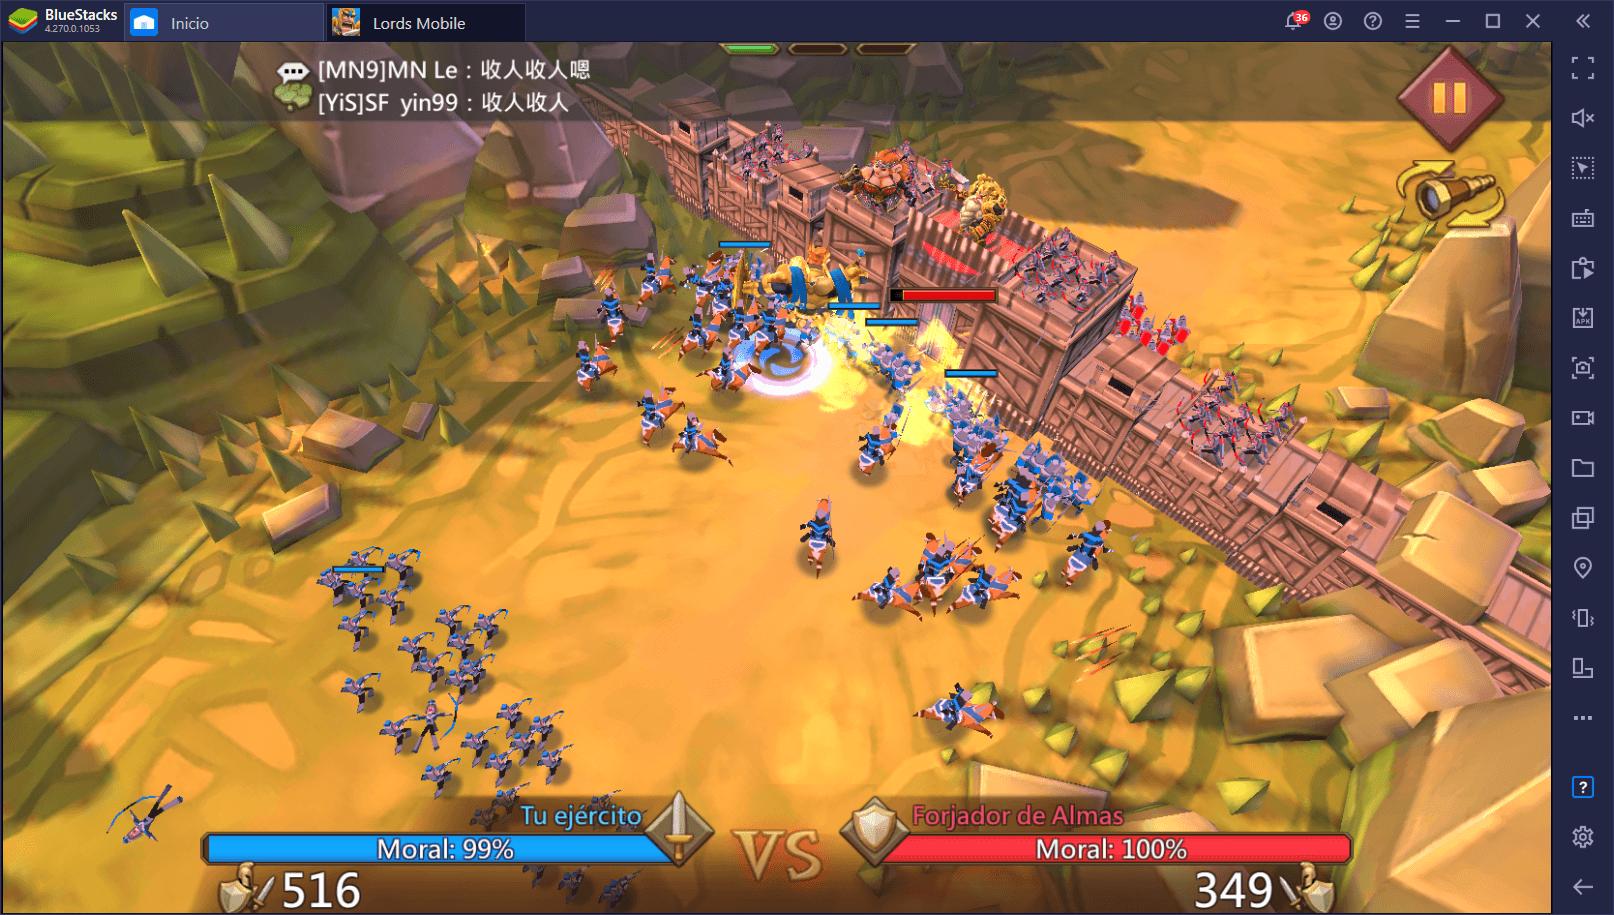 Cómo Instalar y Jugar Lords Mobile en PC con BlueStacks